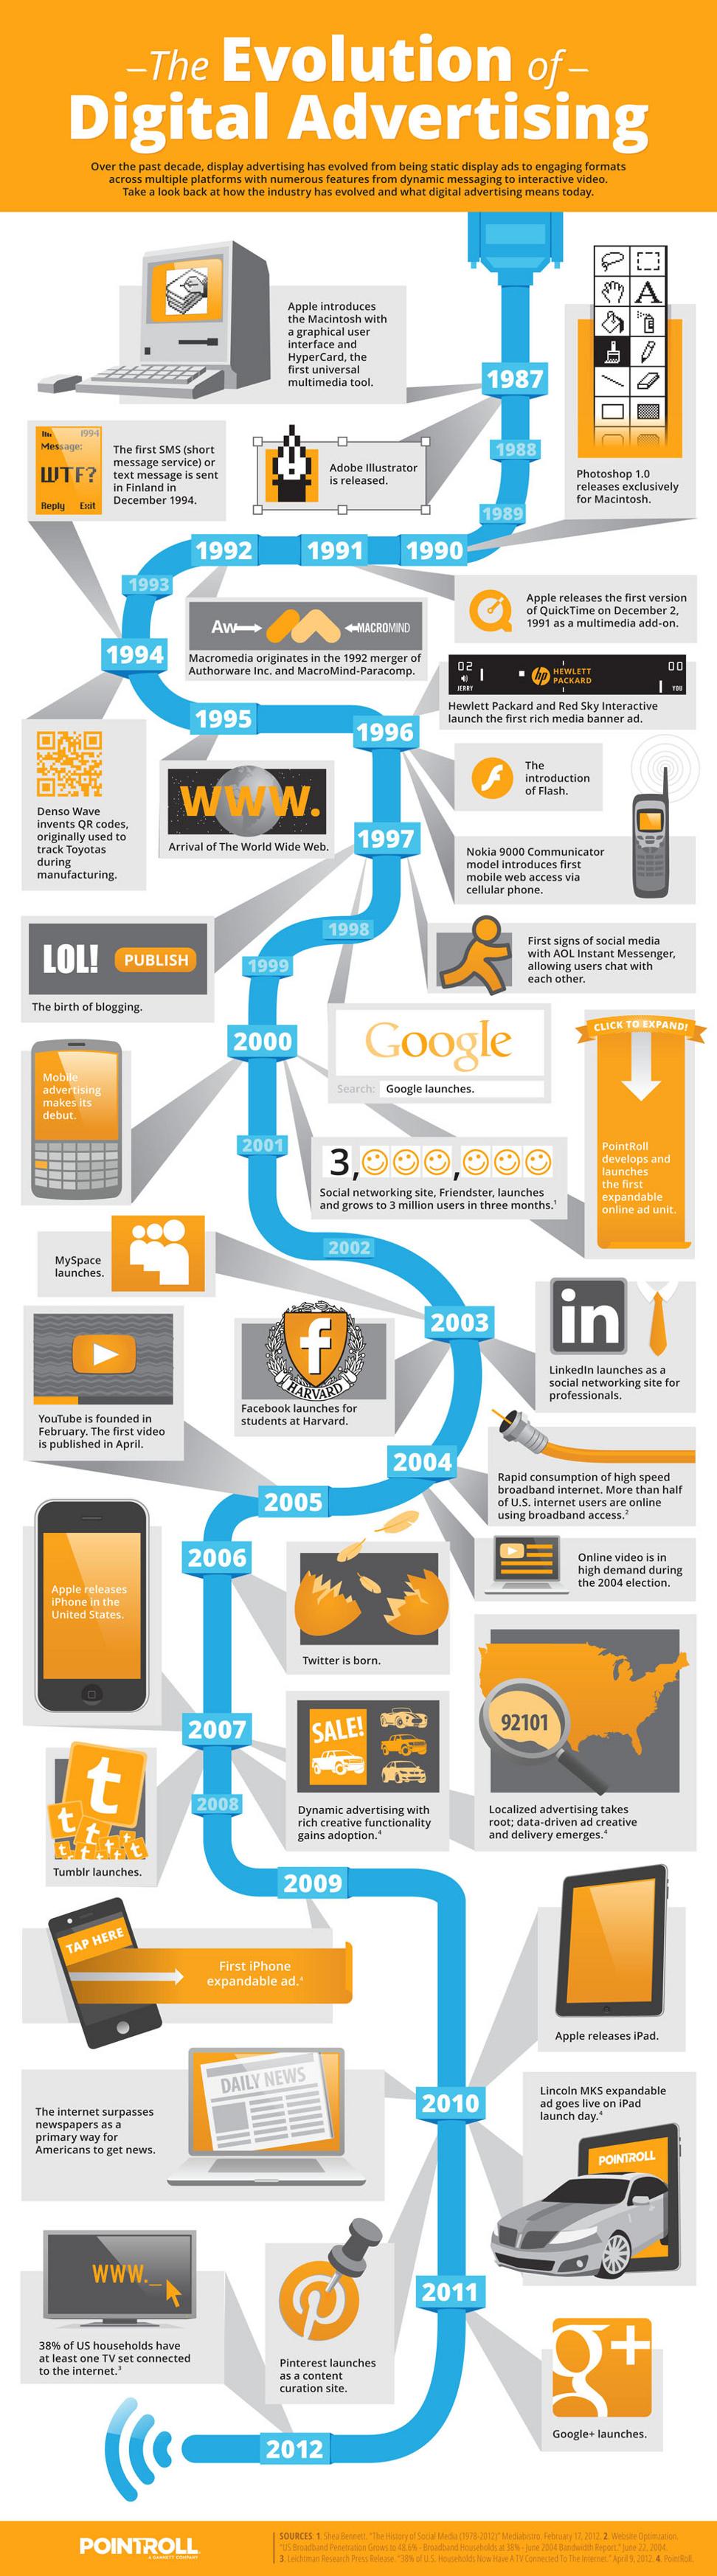 Dijital Reklamın Evrimi